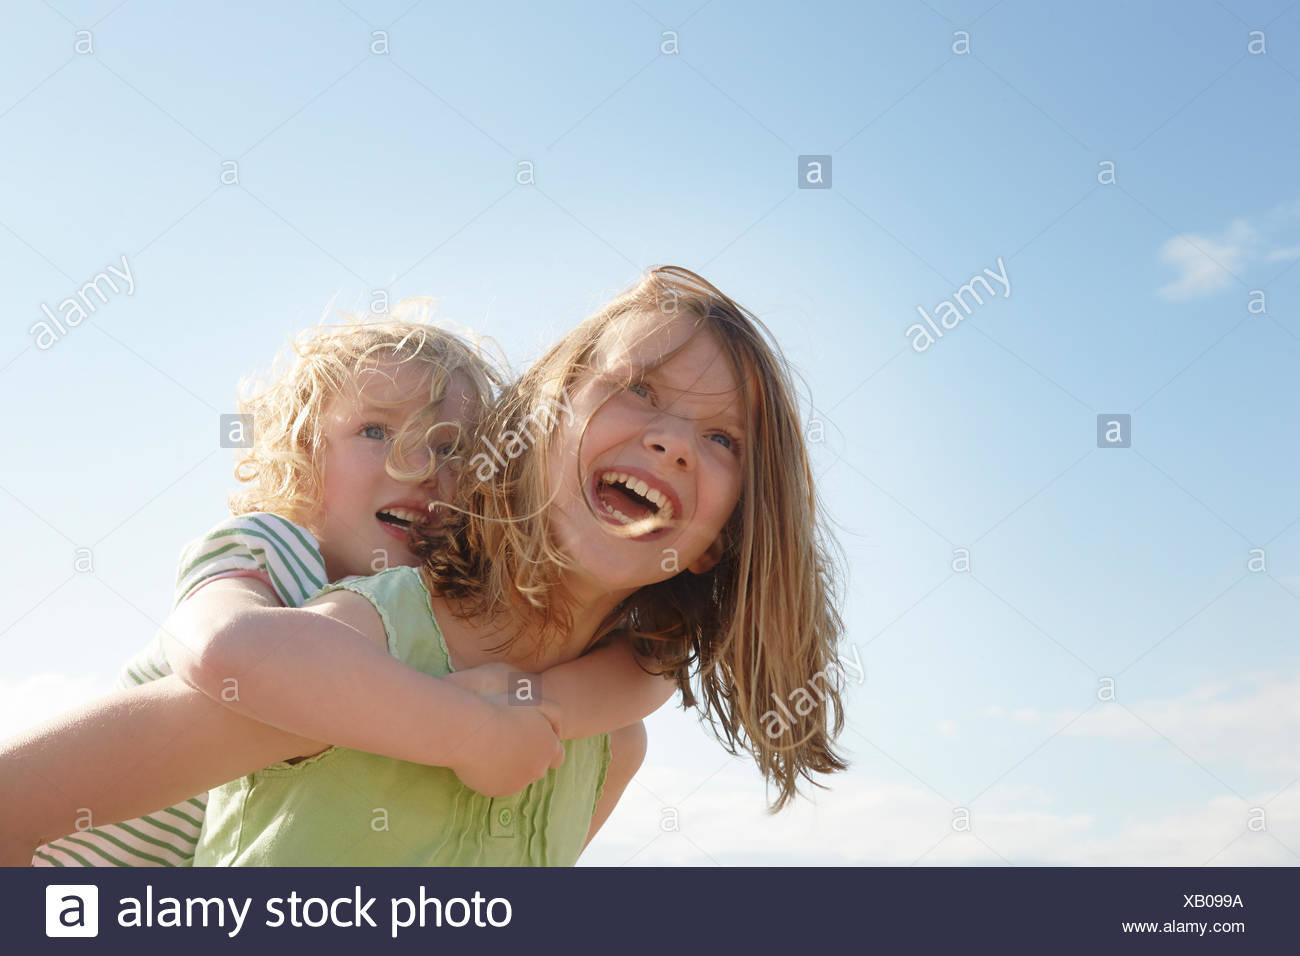 Ángulo de visión baja de niñas dando hermana piggy back en la costa Imagen De Stock